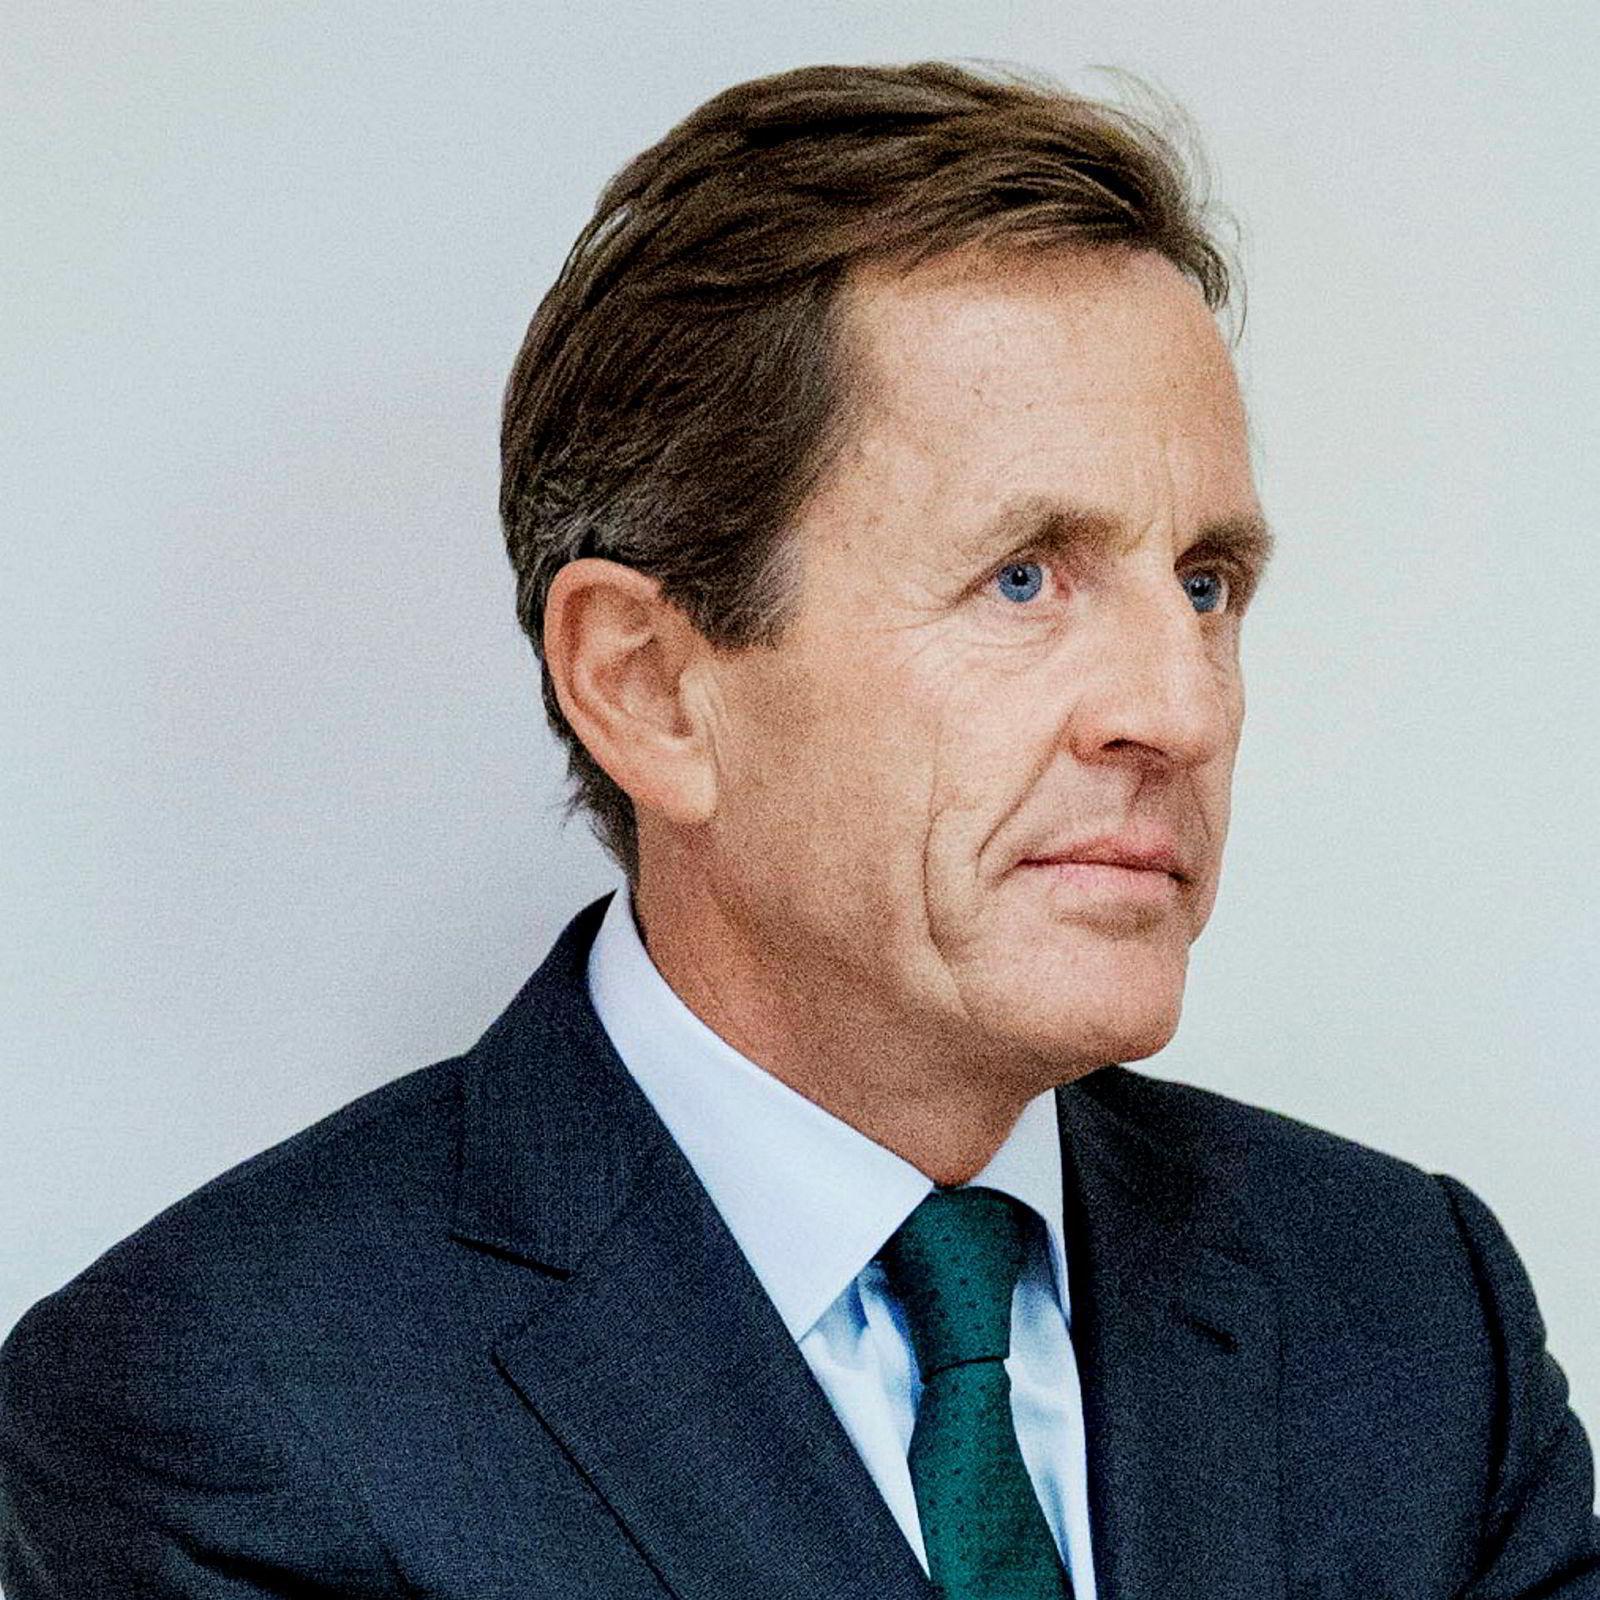 Arne Blystad og hans selskap Songa Trading dukker opp som Norwegians niende største aksjonær.